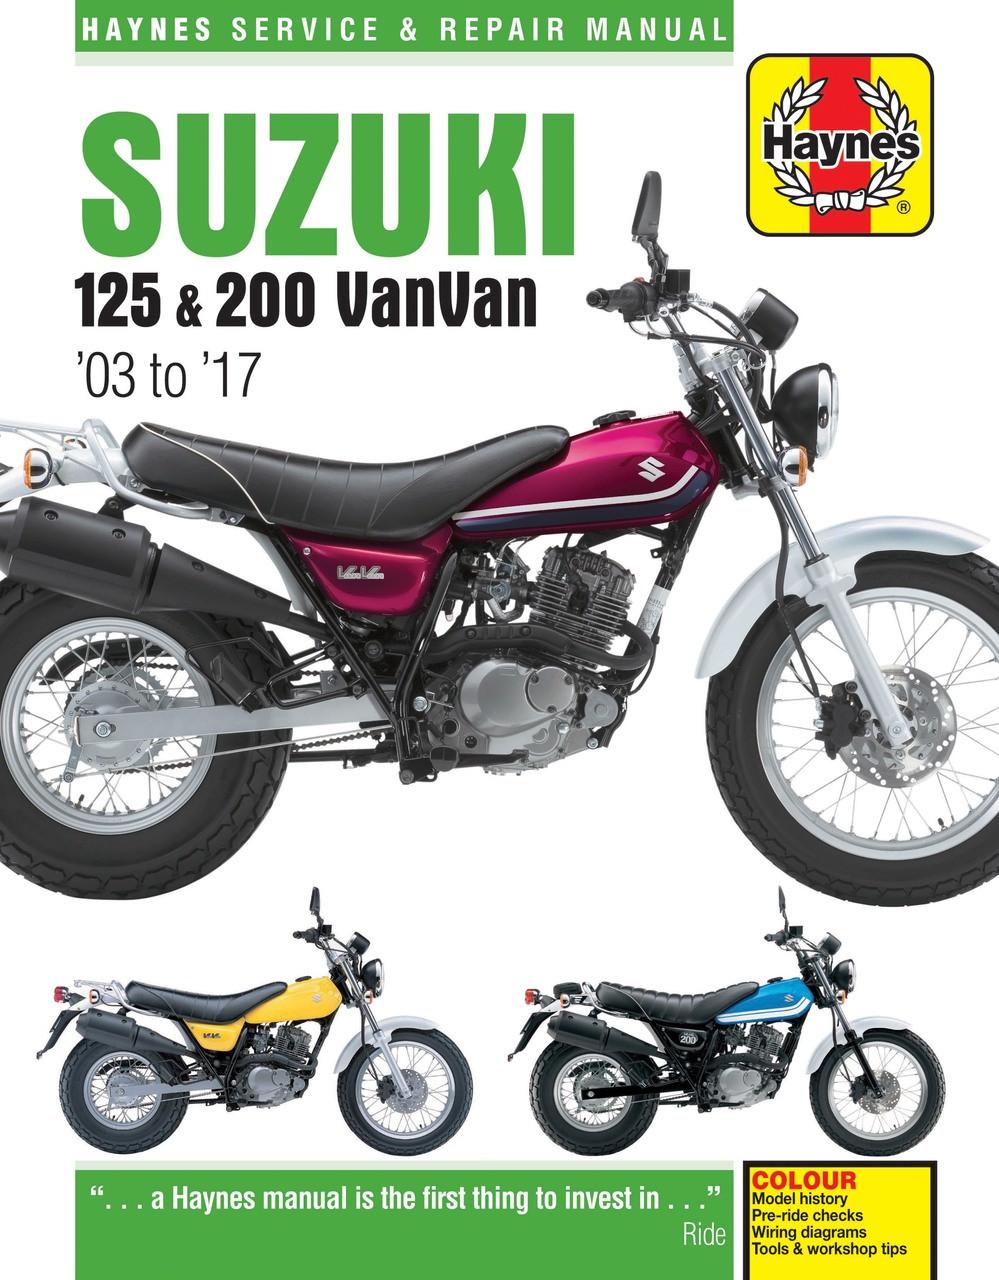 suzuki rv125 rv200 vanvan 2003 2017 workshop manual suzuki rv 125 wiring diagram suzuki rv 125 wiring diagram [ 999 x 1280 Pixel ]